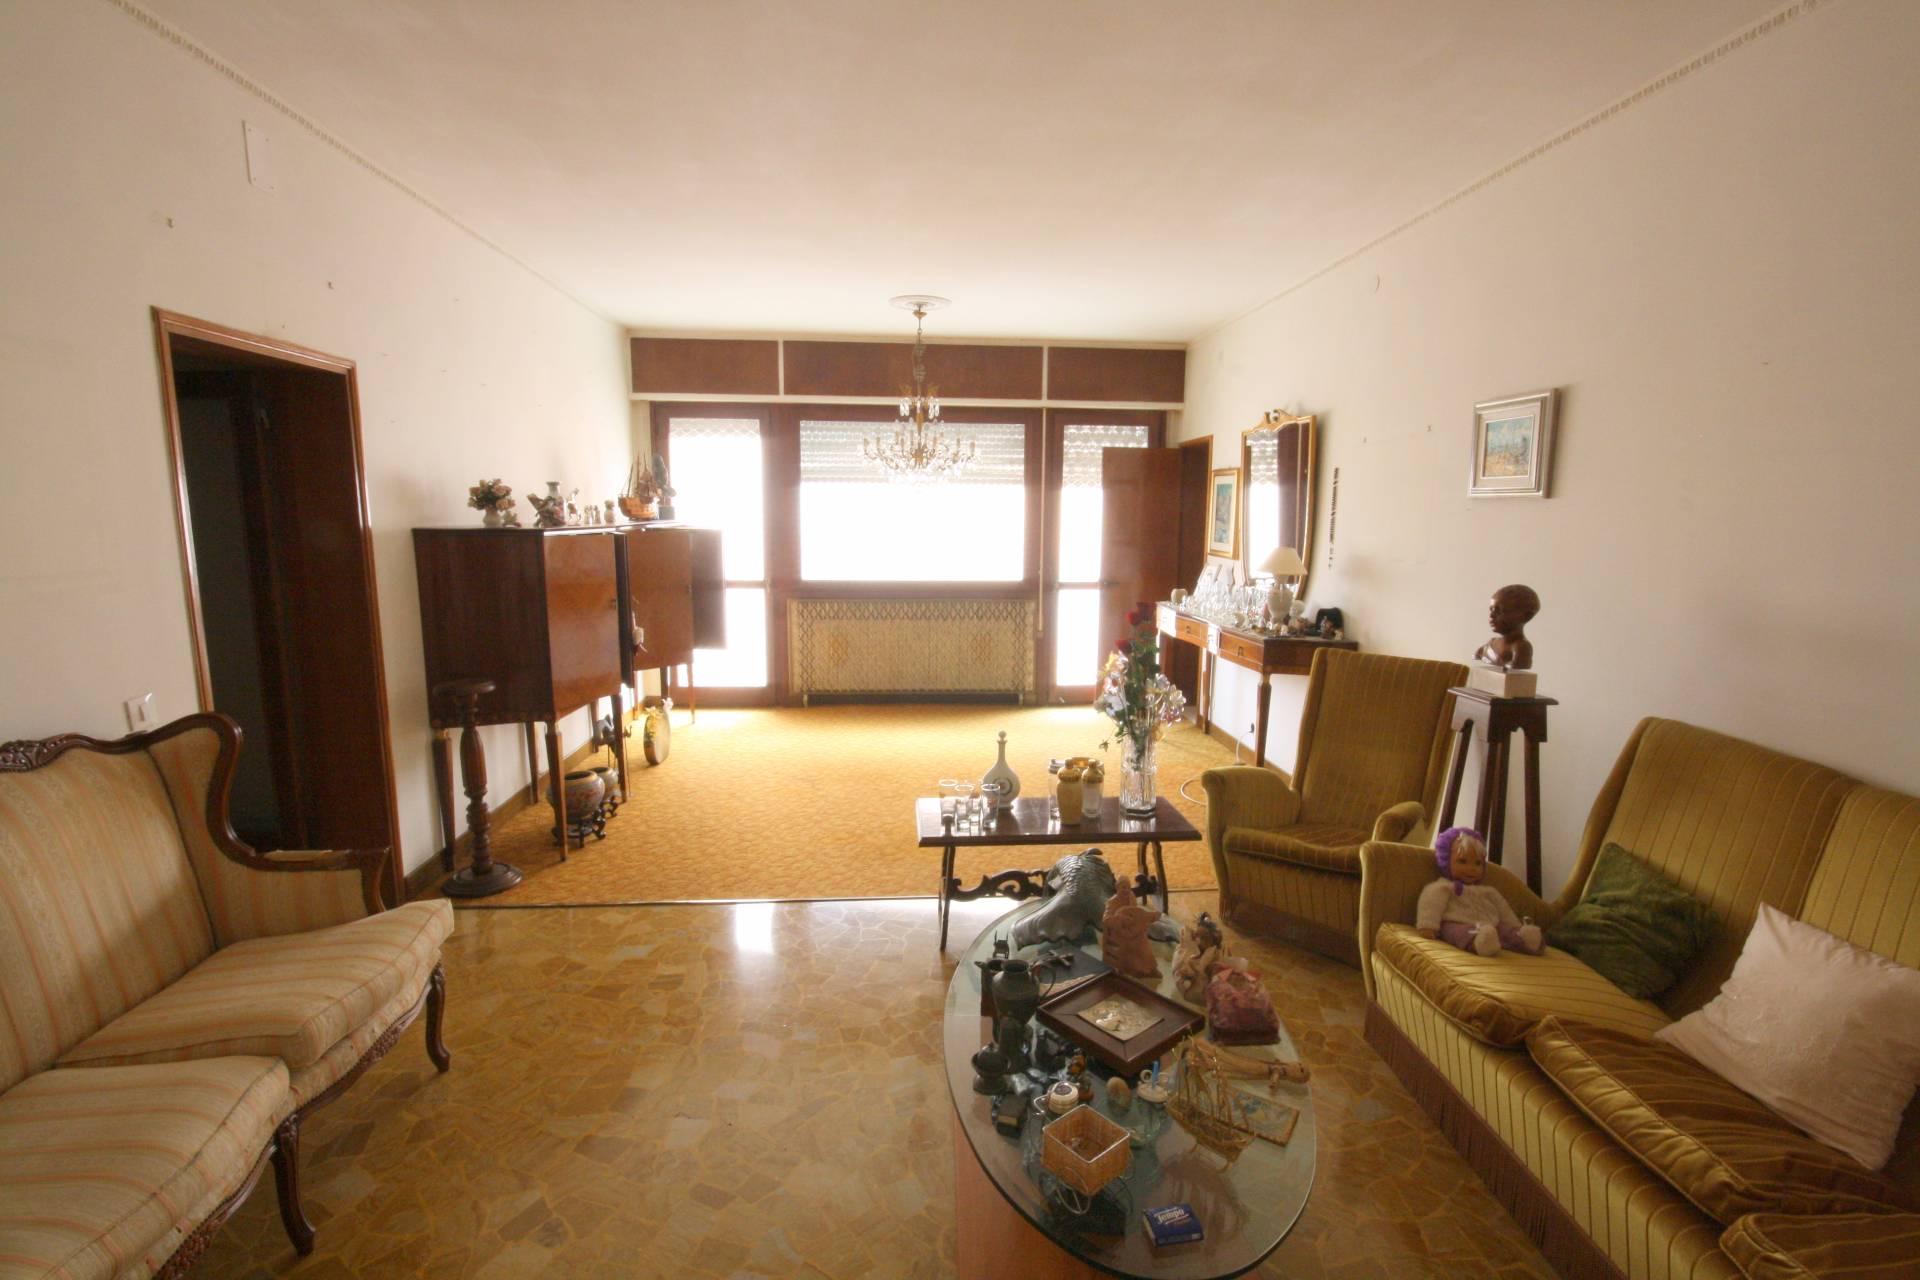 Appartamento in vendita a Venezia, 6 locali, zona Zona: 8 . Lido, prezzo € 380.000 | Cambio Casa.it